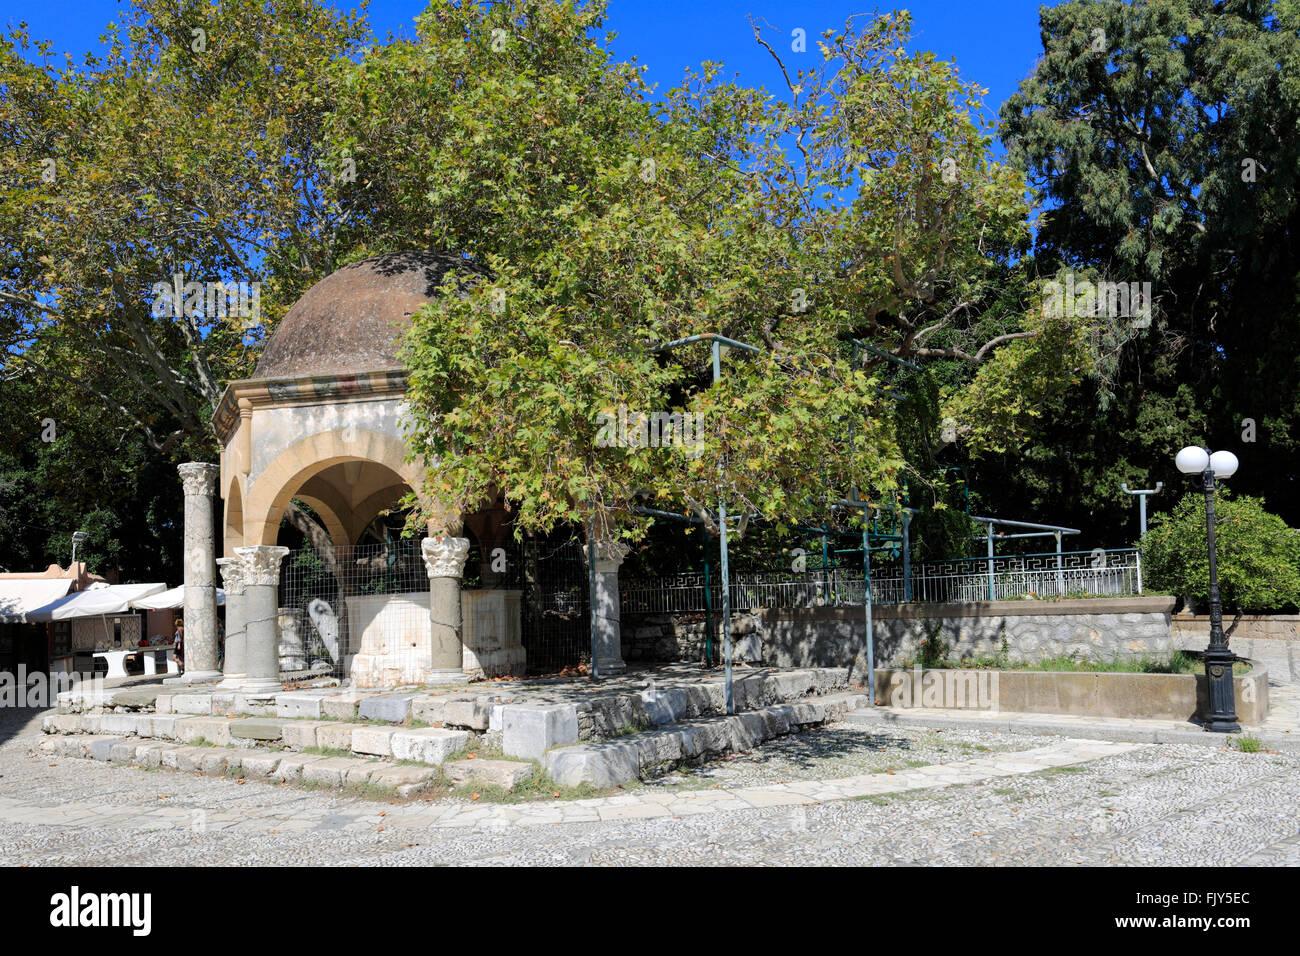 le platane d'hippocrate, planté par hippocrate, arbre plan carré